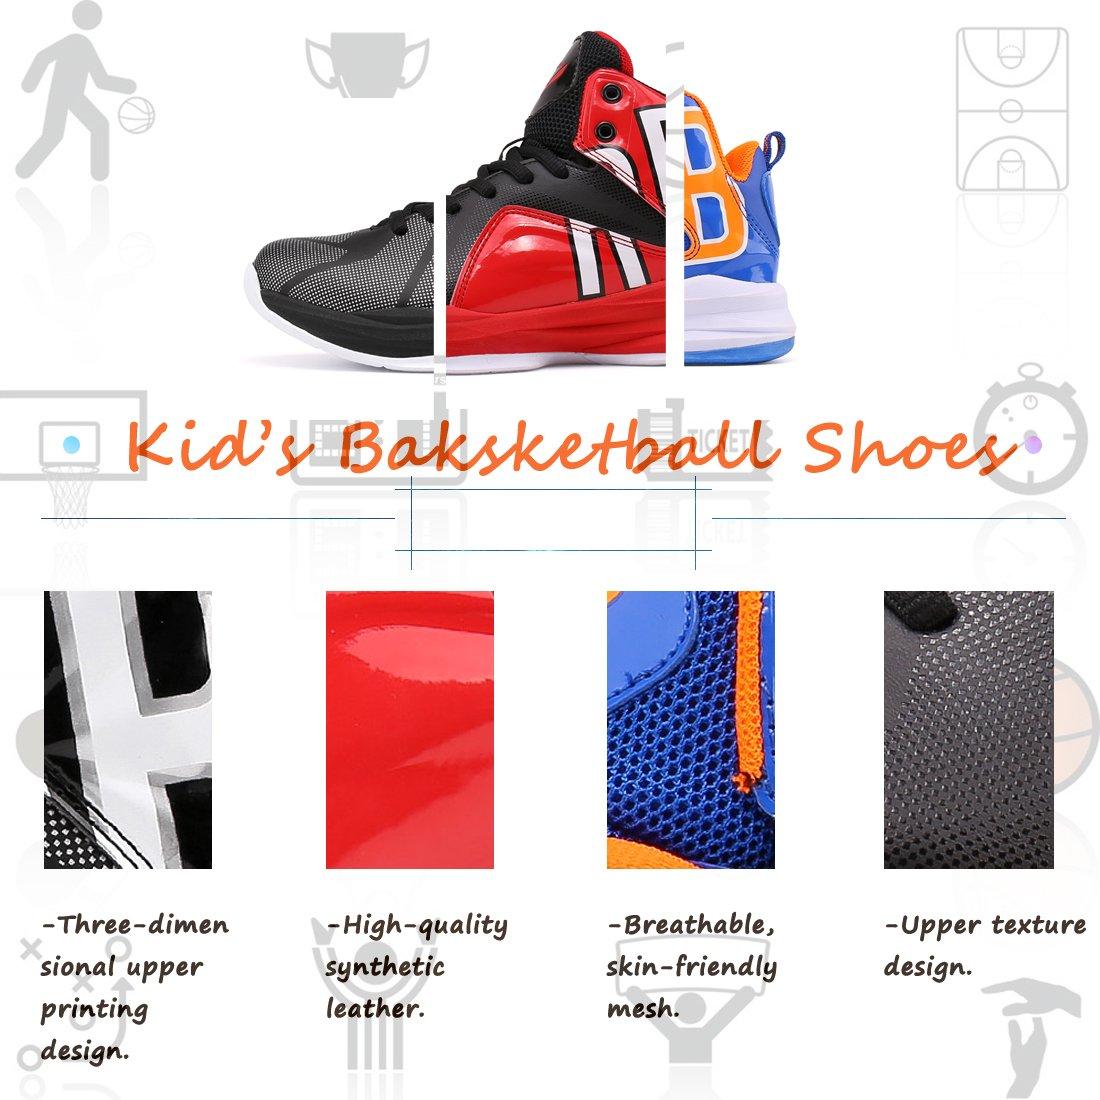 Scarpe da Basket Bambini Bambini Bambini e Ragazzi B07MR686XW 44 EU 2-nero | Il Prezzo Di Liquidazione  | In Uso Durevole  | lusso  | Cliente Al Primo  | Colore molto buono  646632